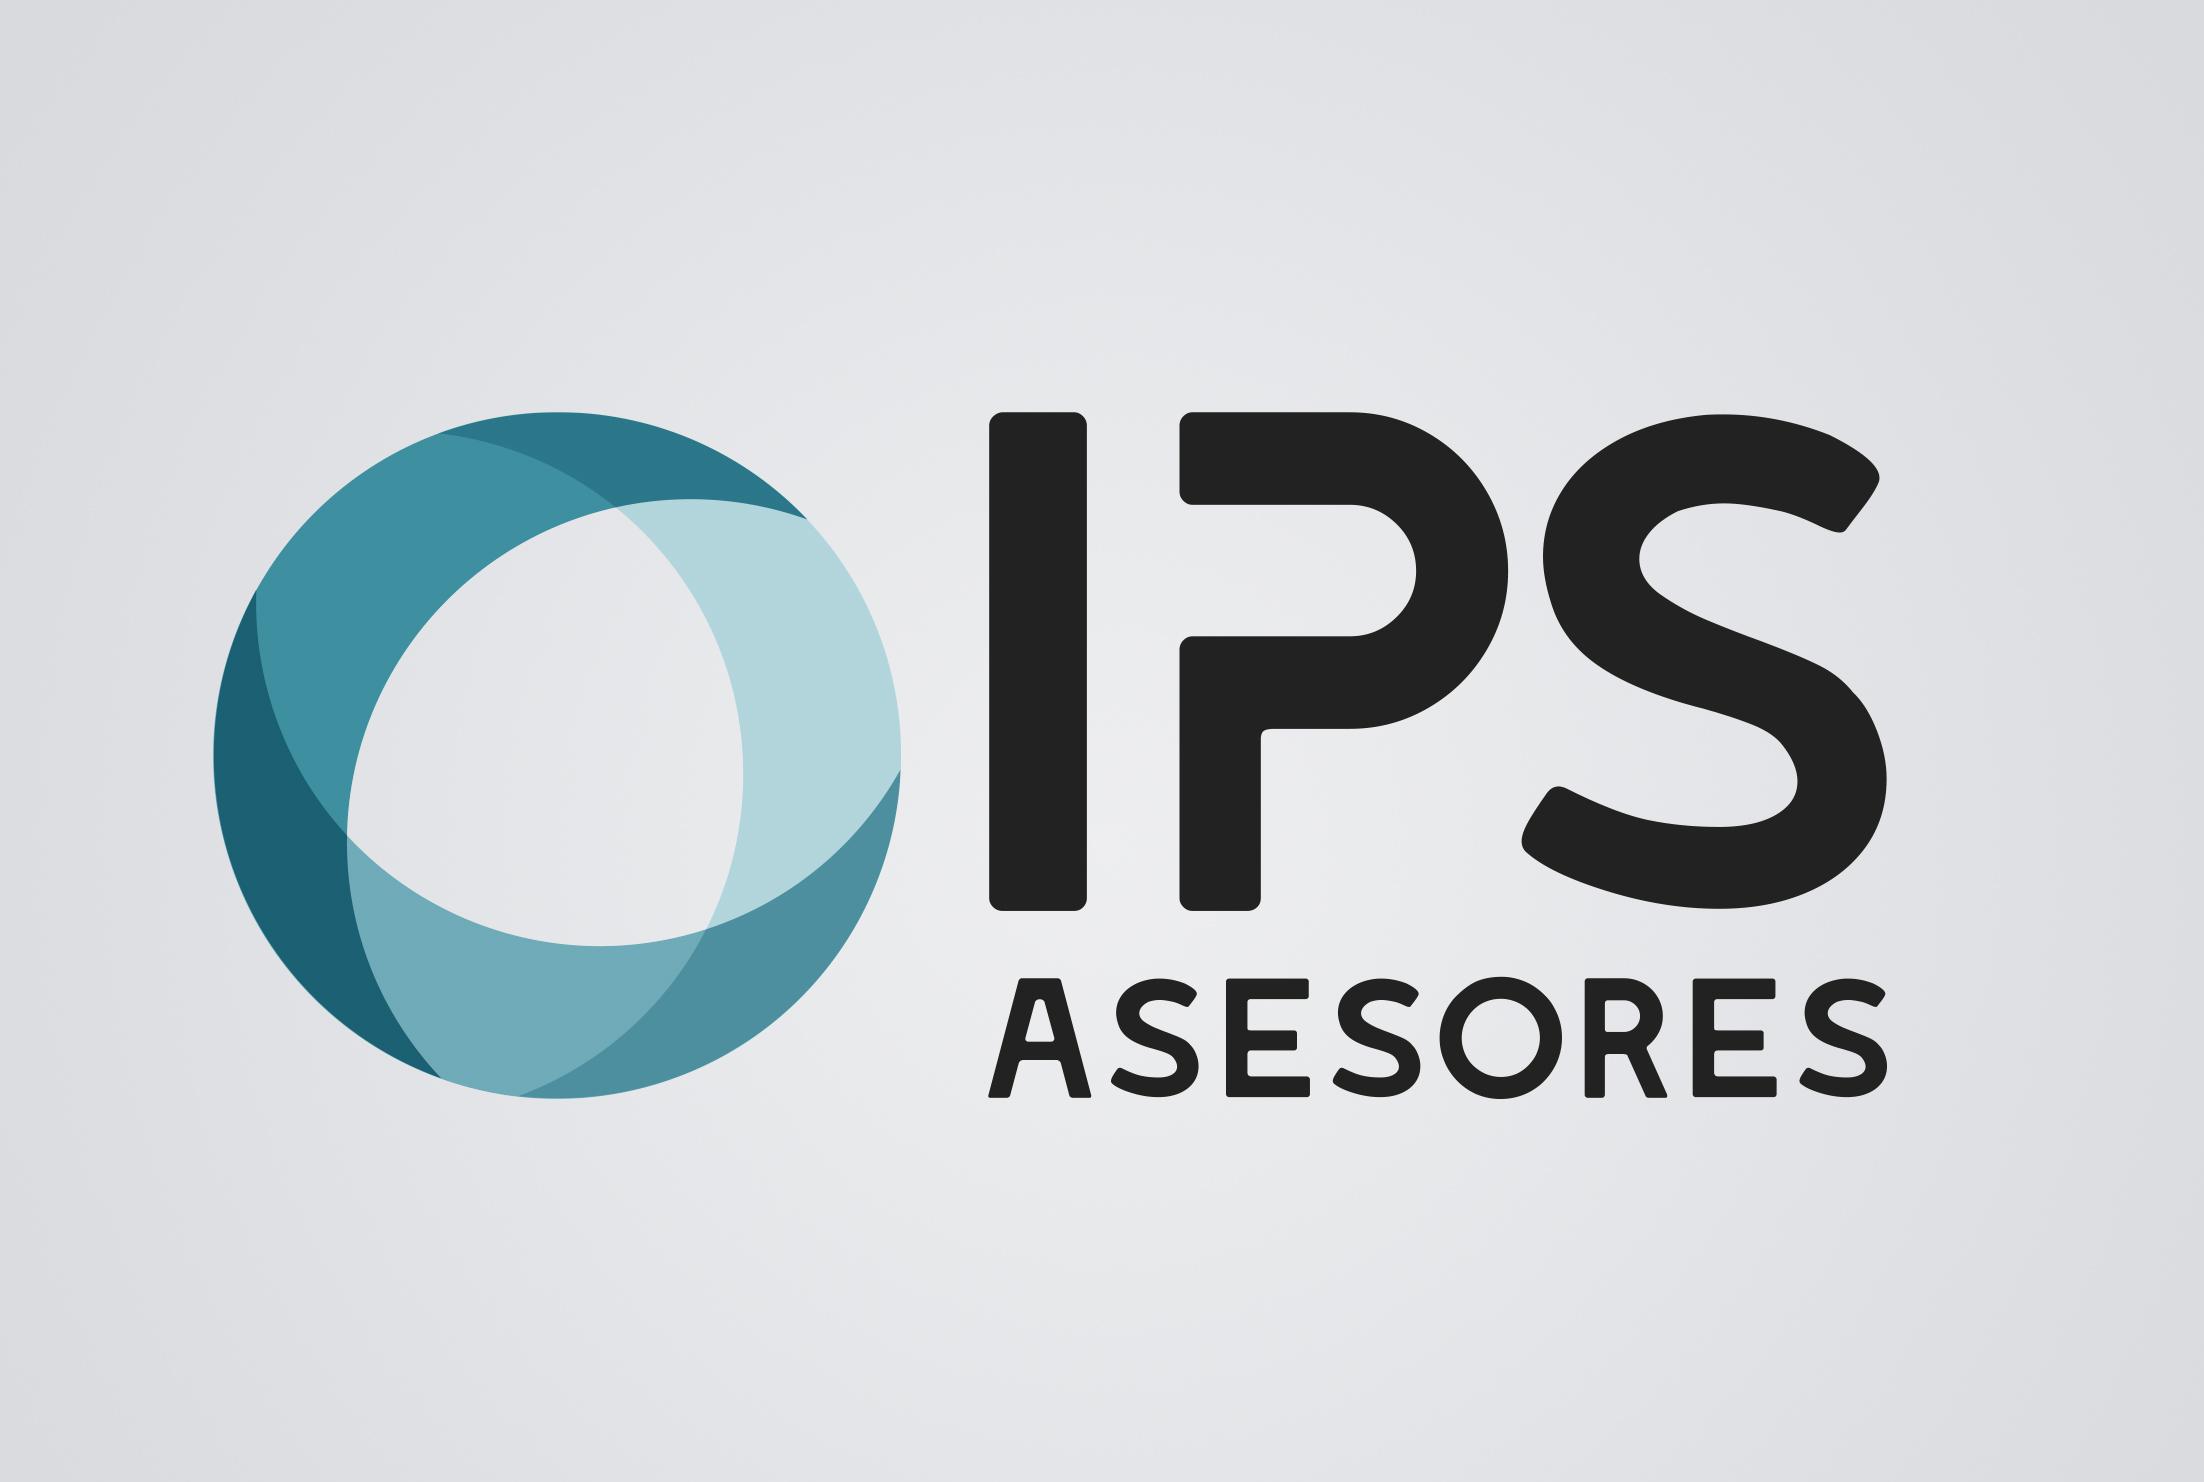 IPS imagen corporativa